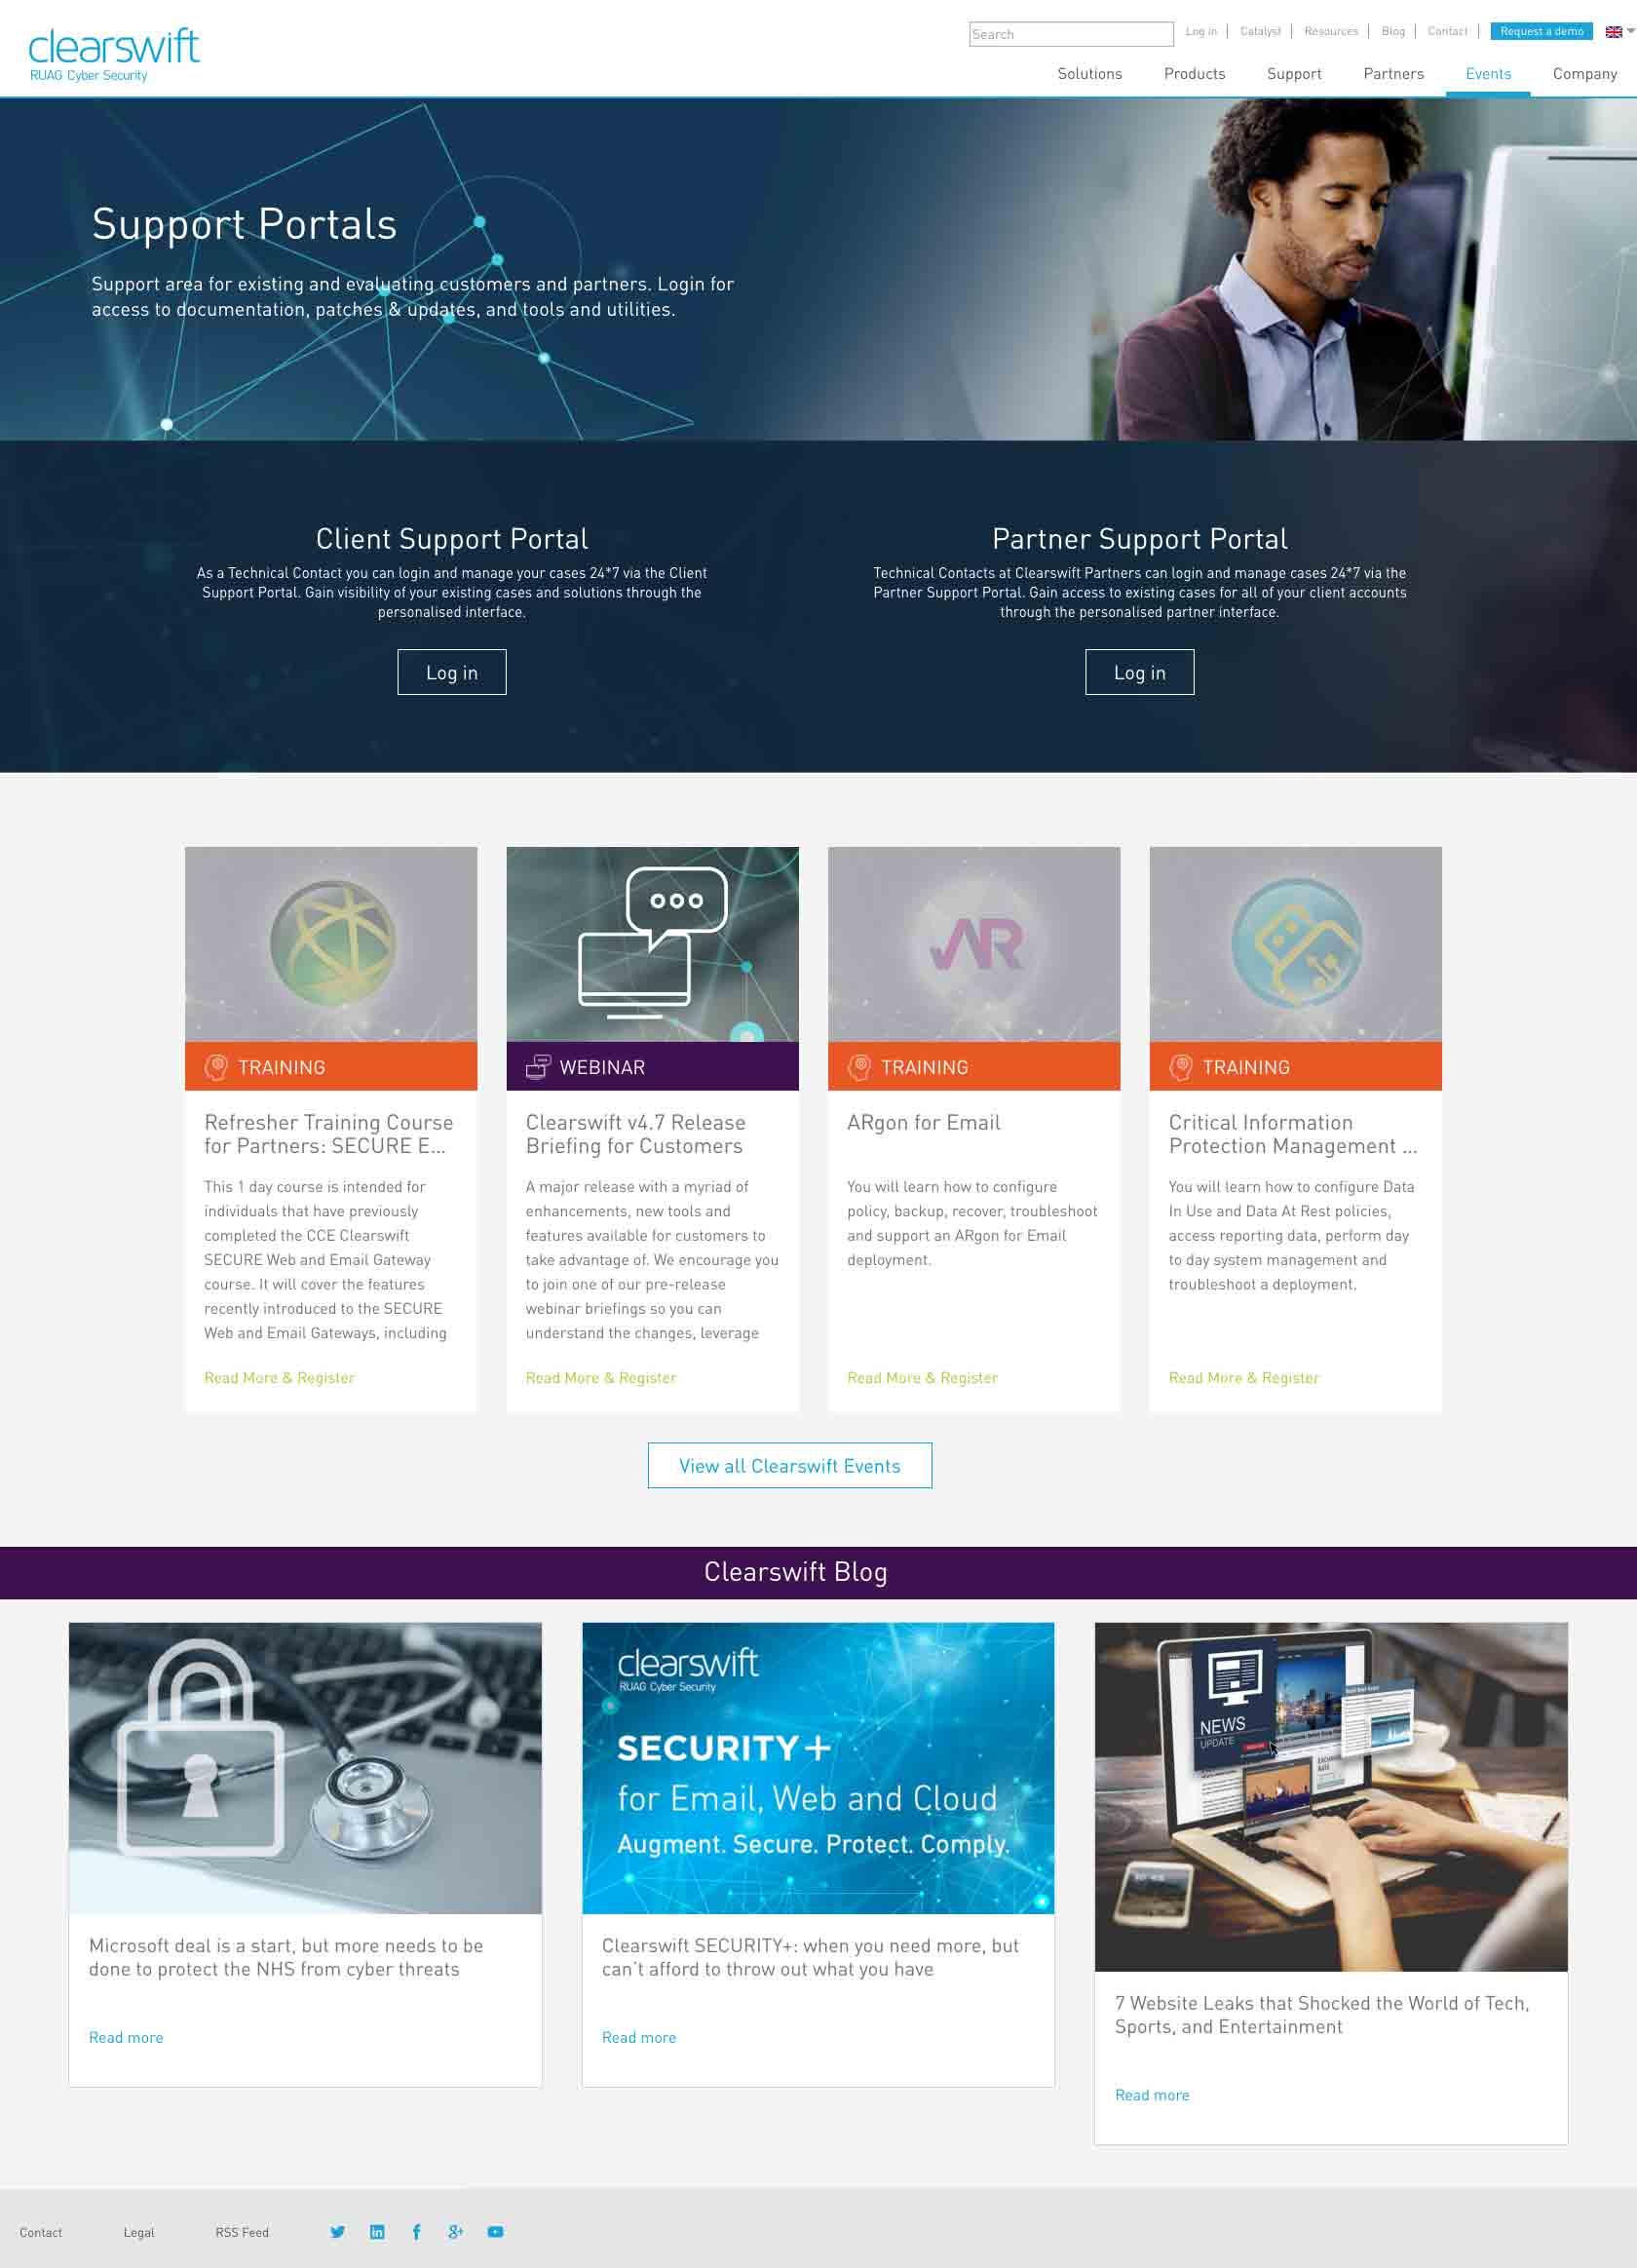 support-portals-colour.jpg